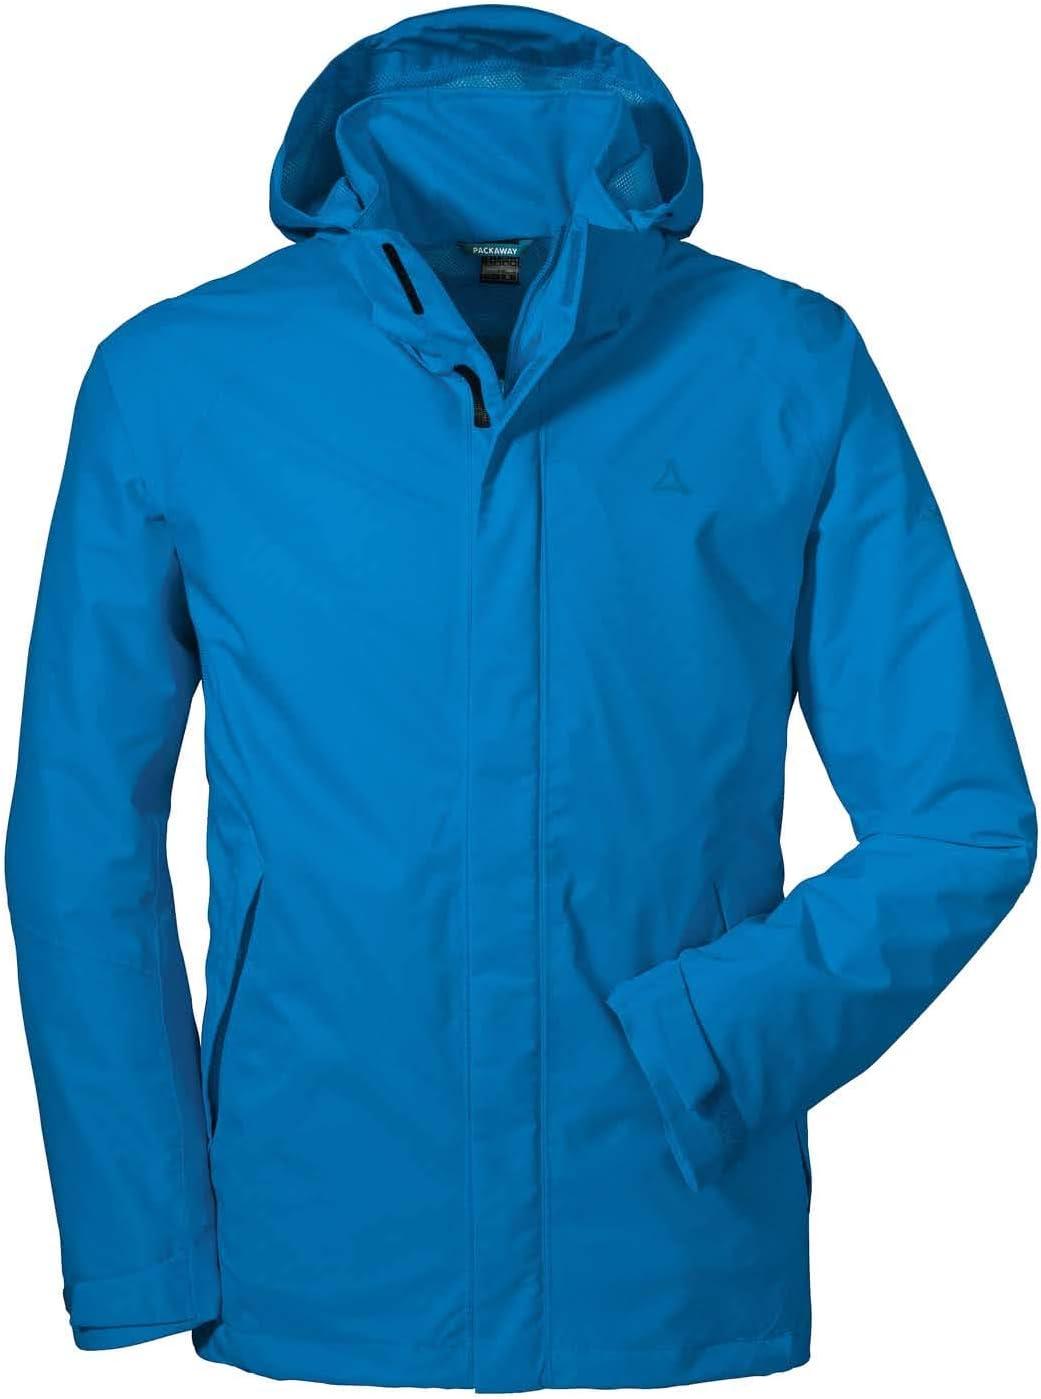 und wasserdichte Herren Jacke mit Pack-Away-Tasche leichte und atmungsaktive Regenjacke f/ür M/änner Sch/öffel Herren Jacket Easy M4 wind